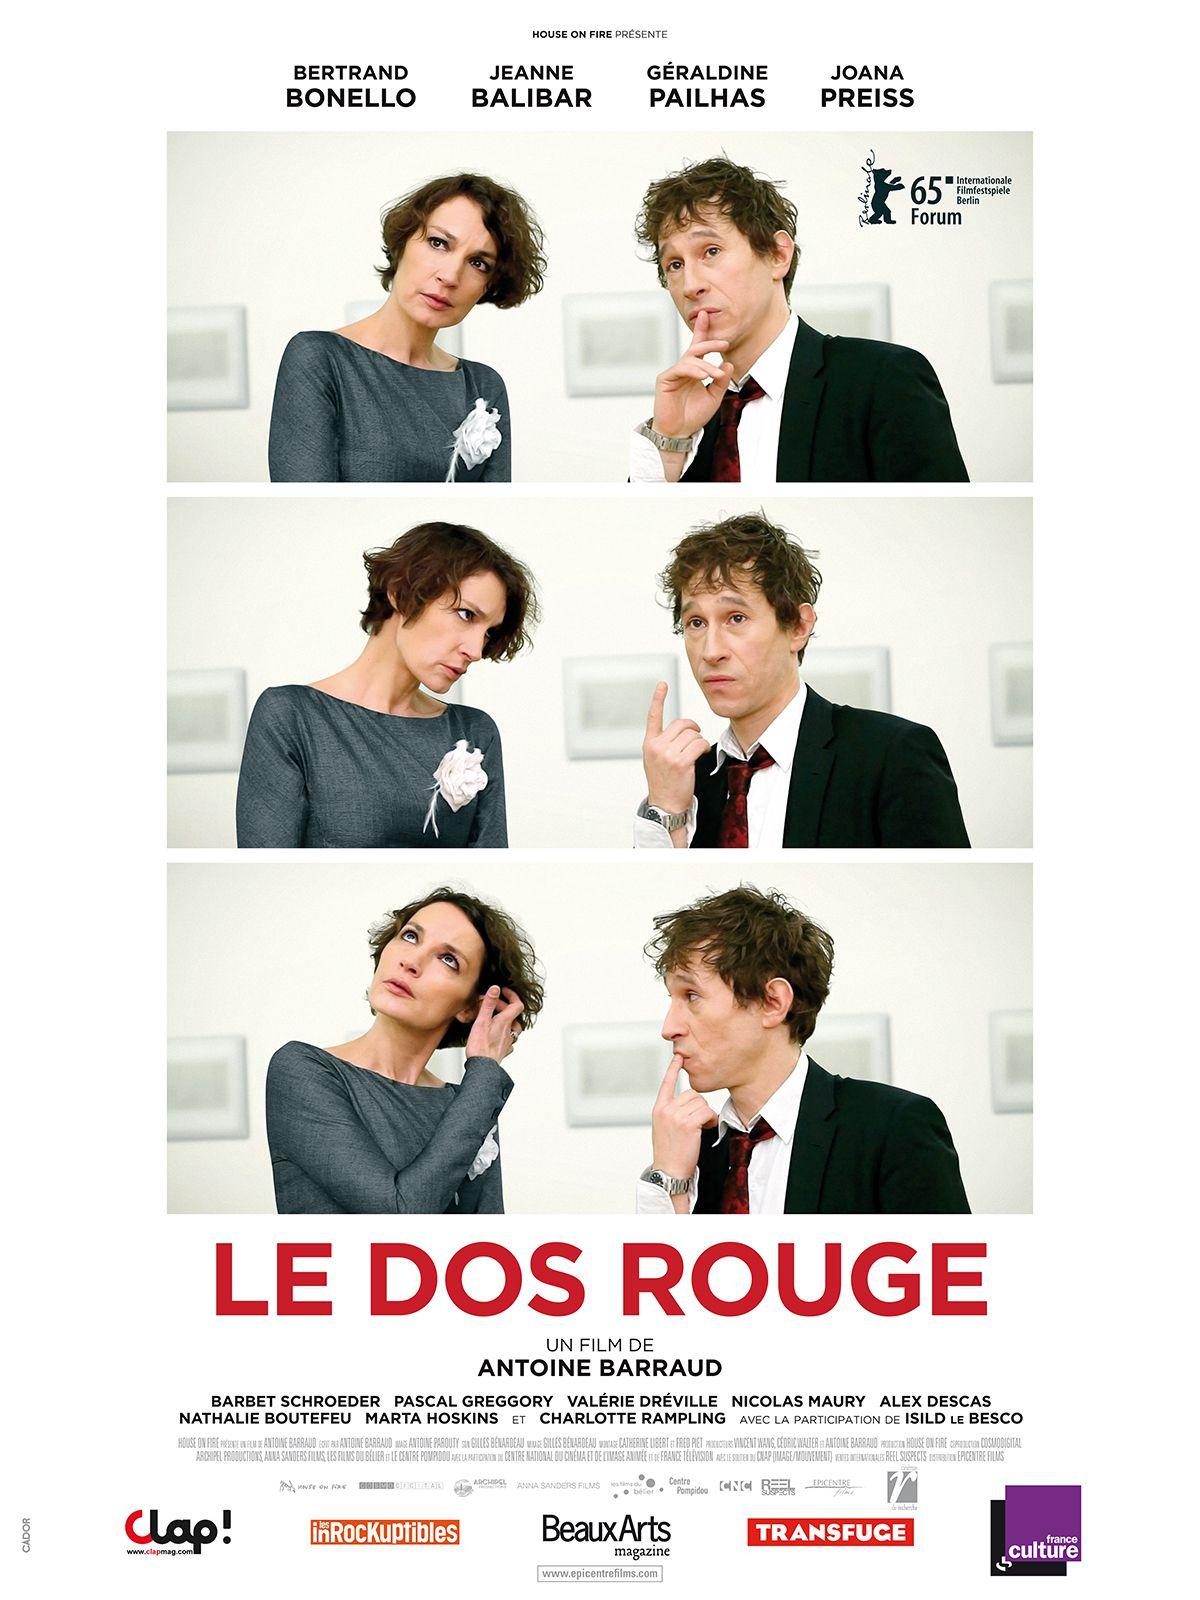 Le Dos rouge - Film (2015)